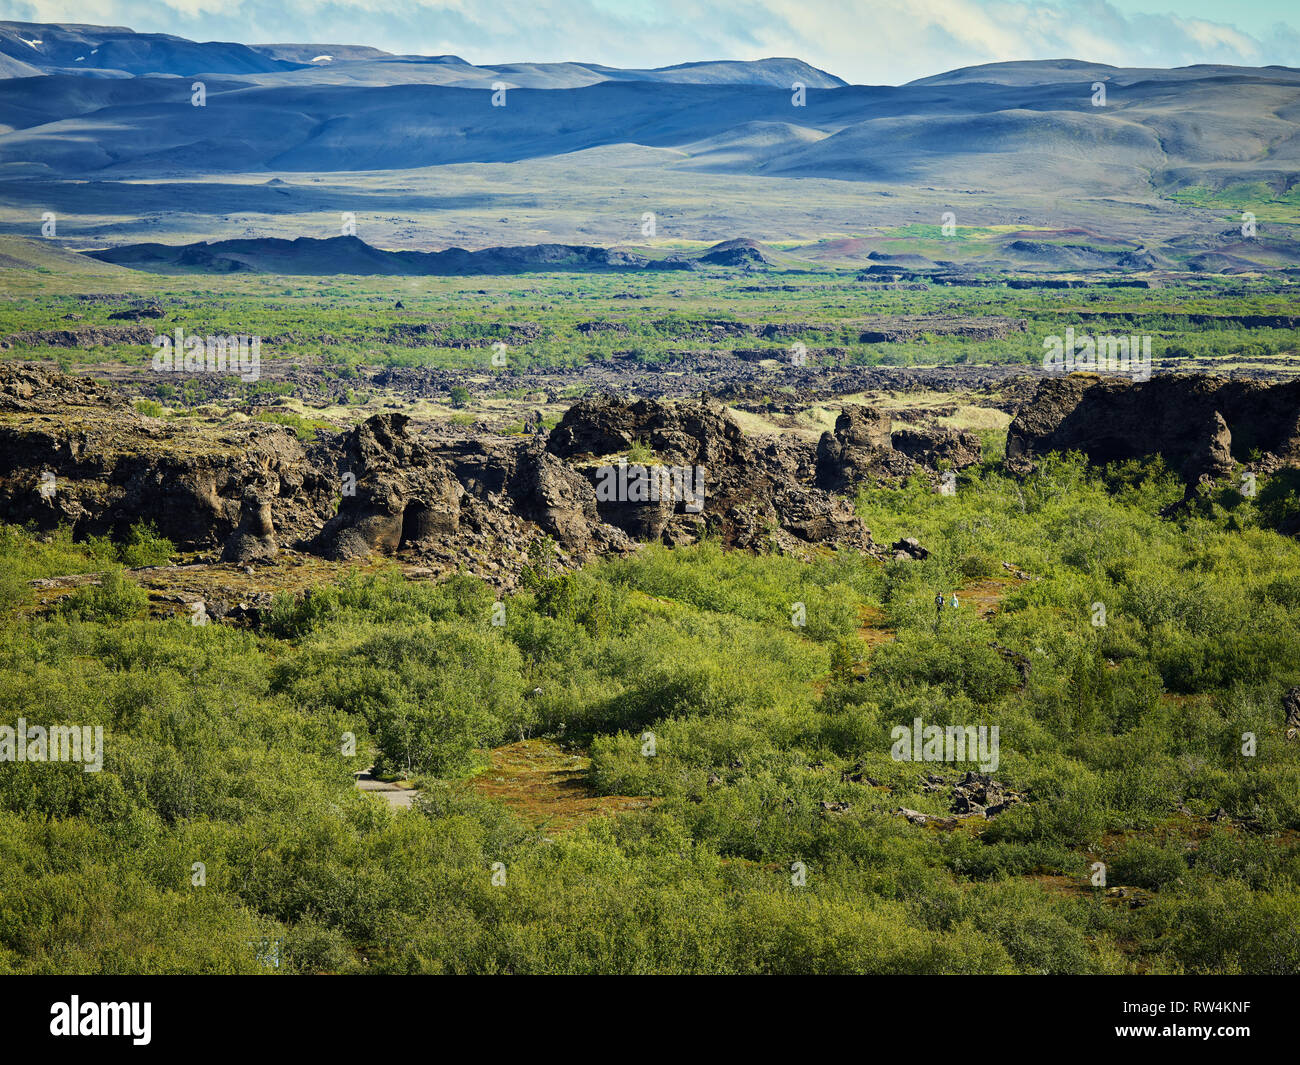 Dimmuborgir - Bereich der ungewöhnlich geformten Lavafelder, Höhle und vulkanische Felsformationen, östlich von Myvatn, Island. Stockbild